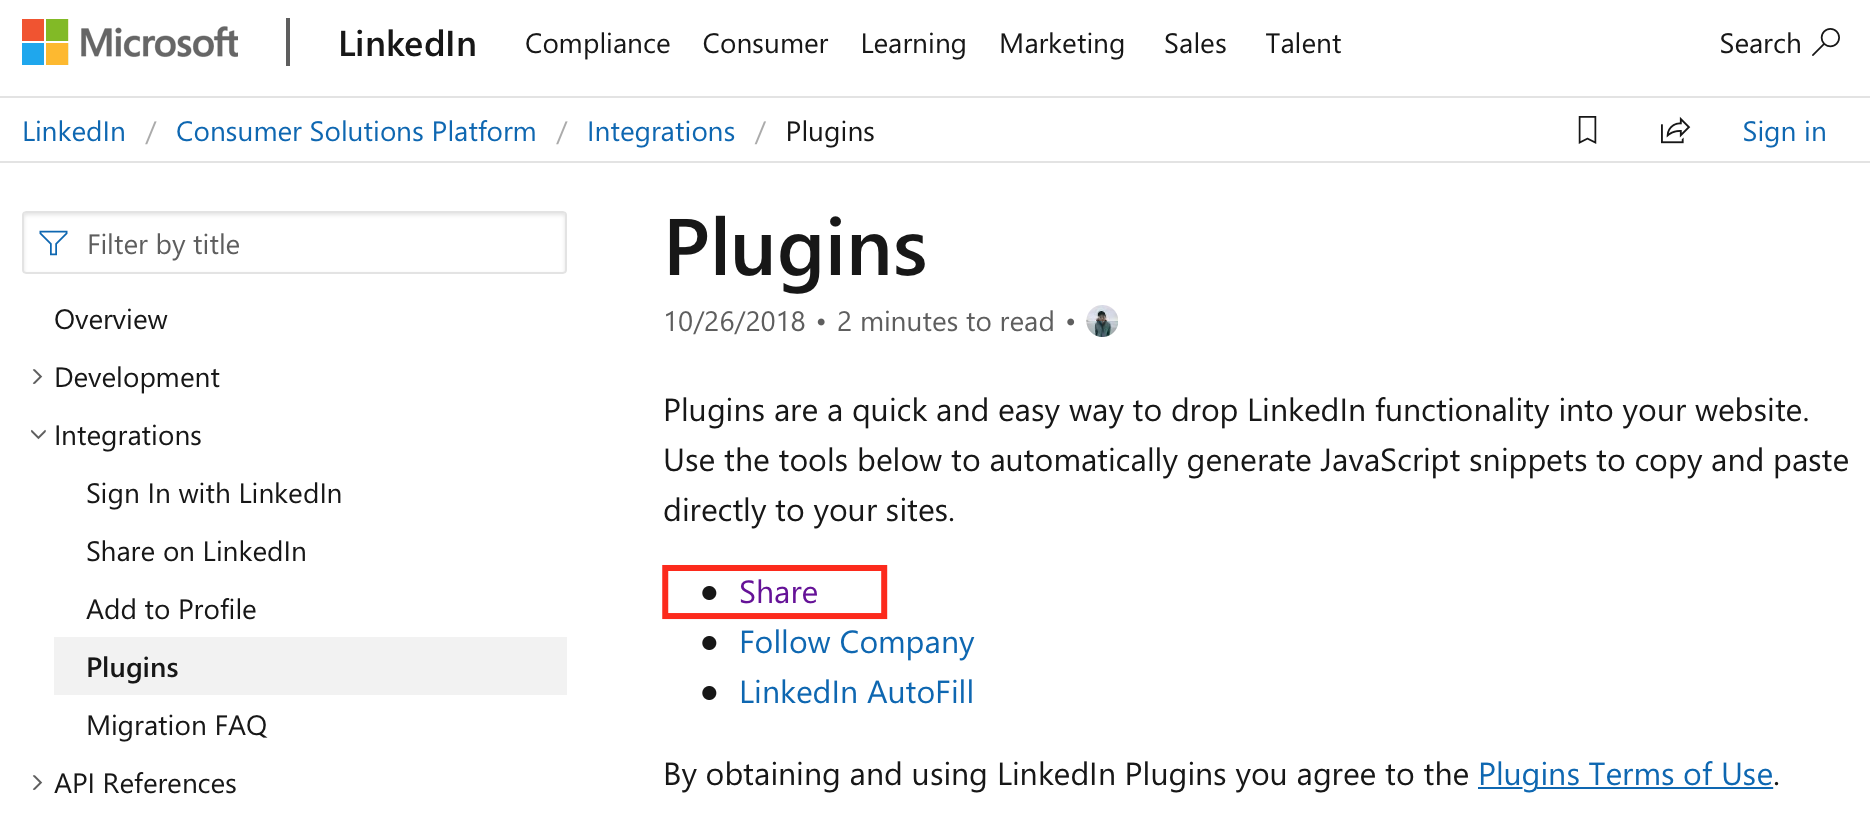 Cómo insertar en mi web el icono de LinkedIn para compartir contenido